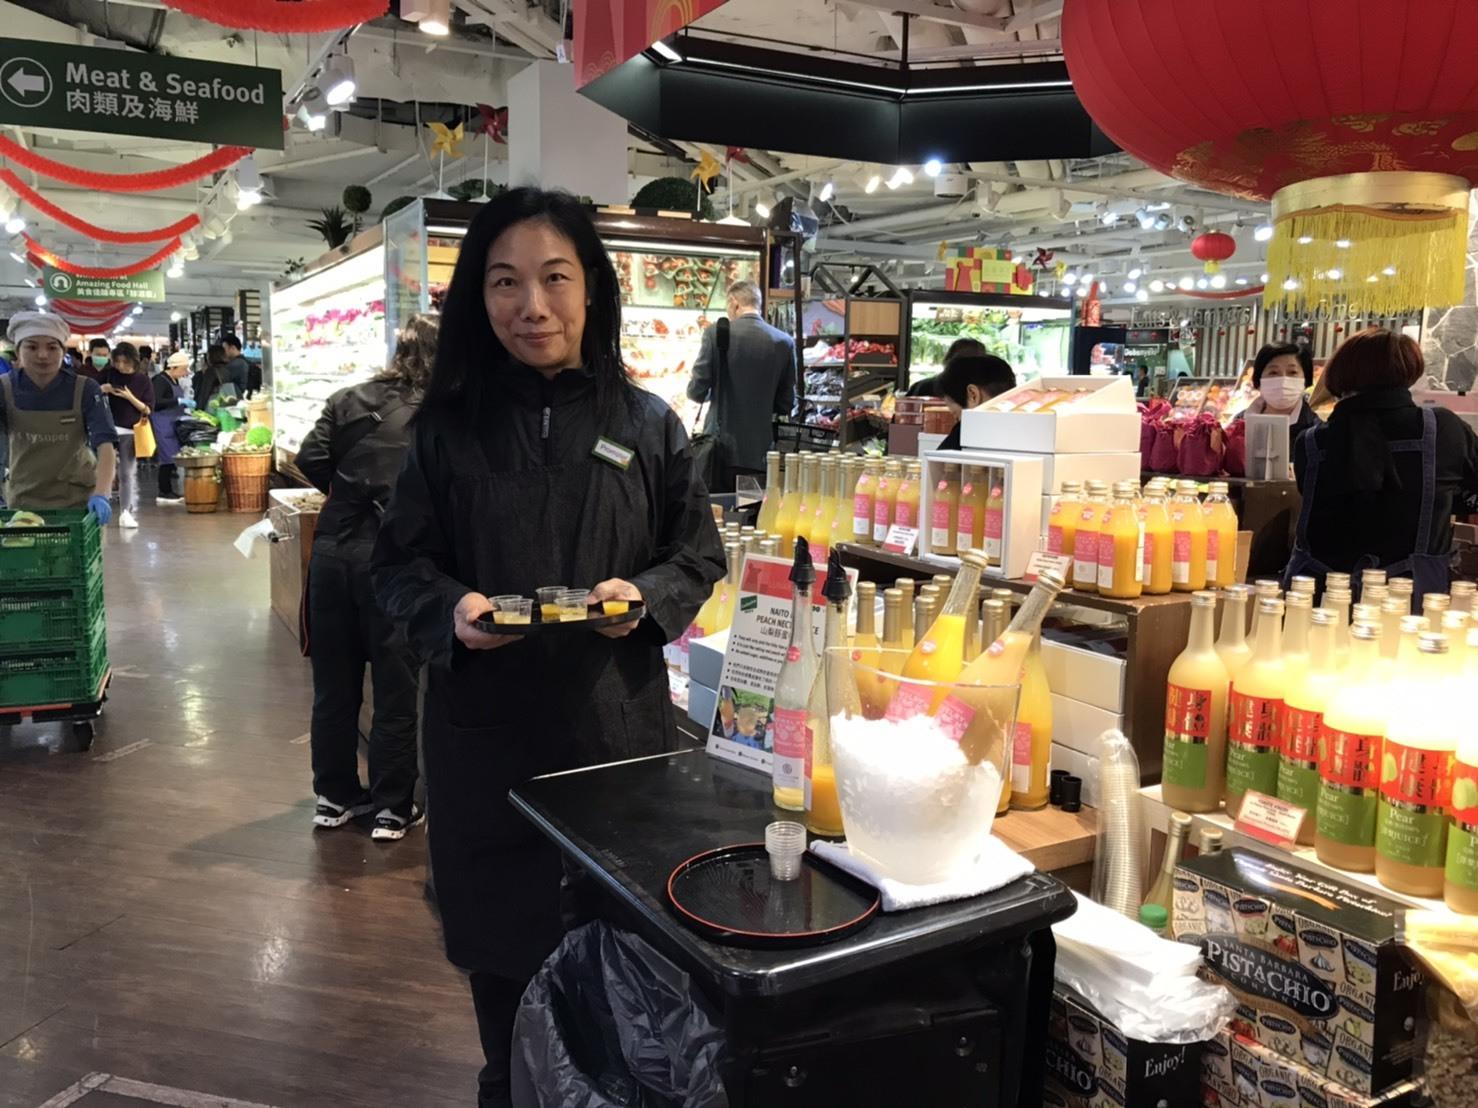 香港City\'super 2020 Chinese NEW YEAR Promotion!!_a0263653_14143049.jpg